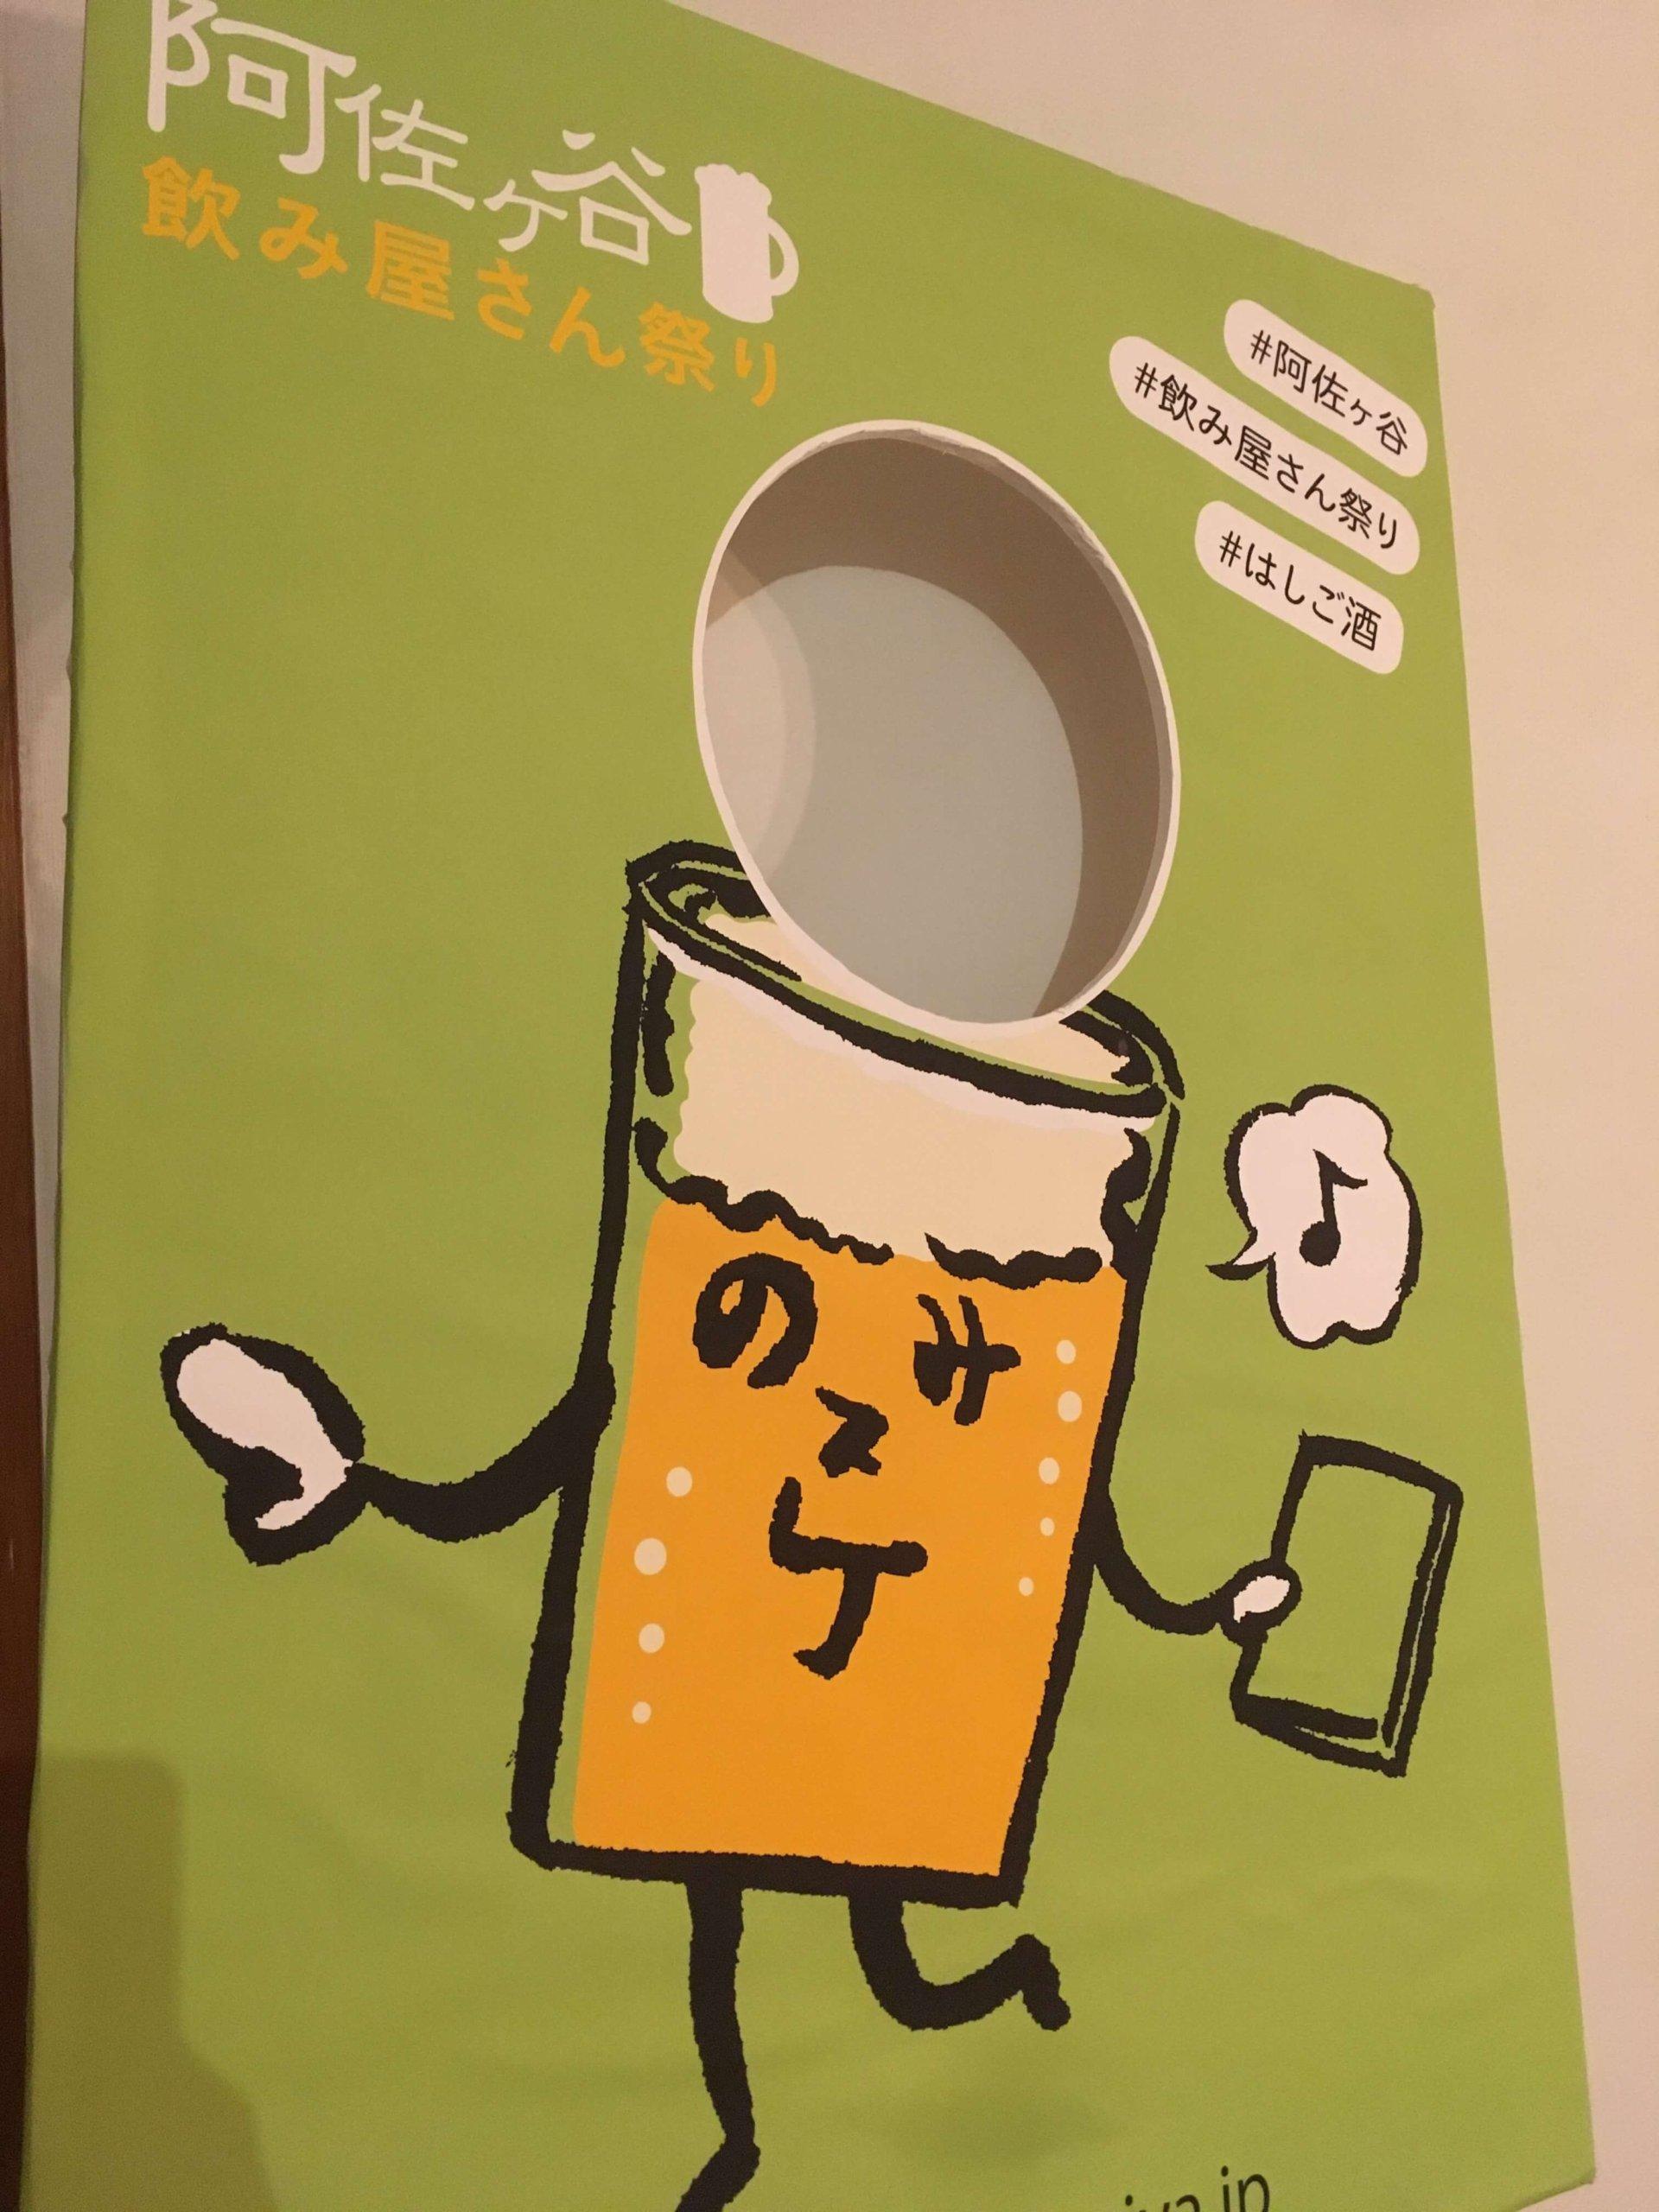 今日から阿佐ヶ谷飲み屋さん祭りです